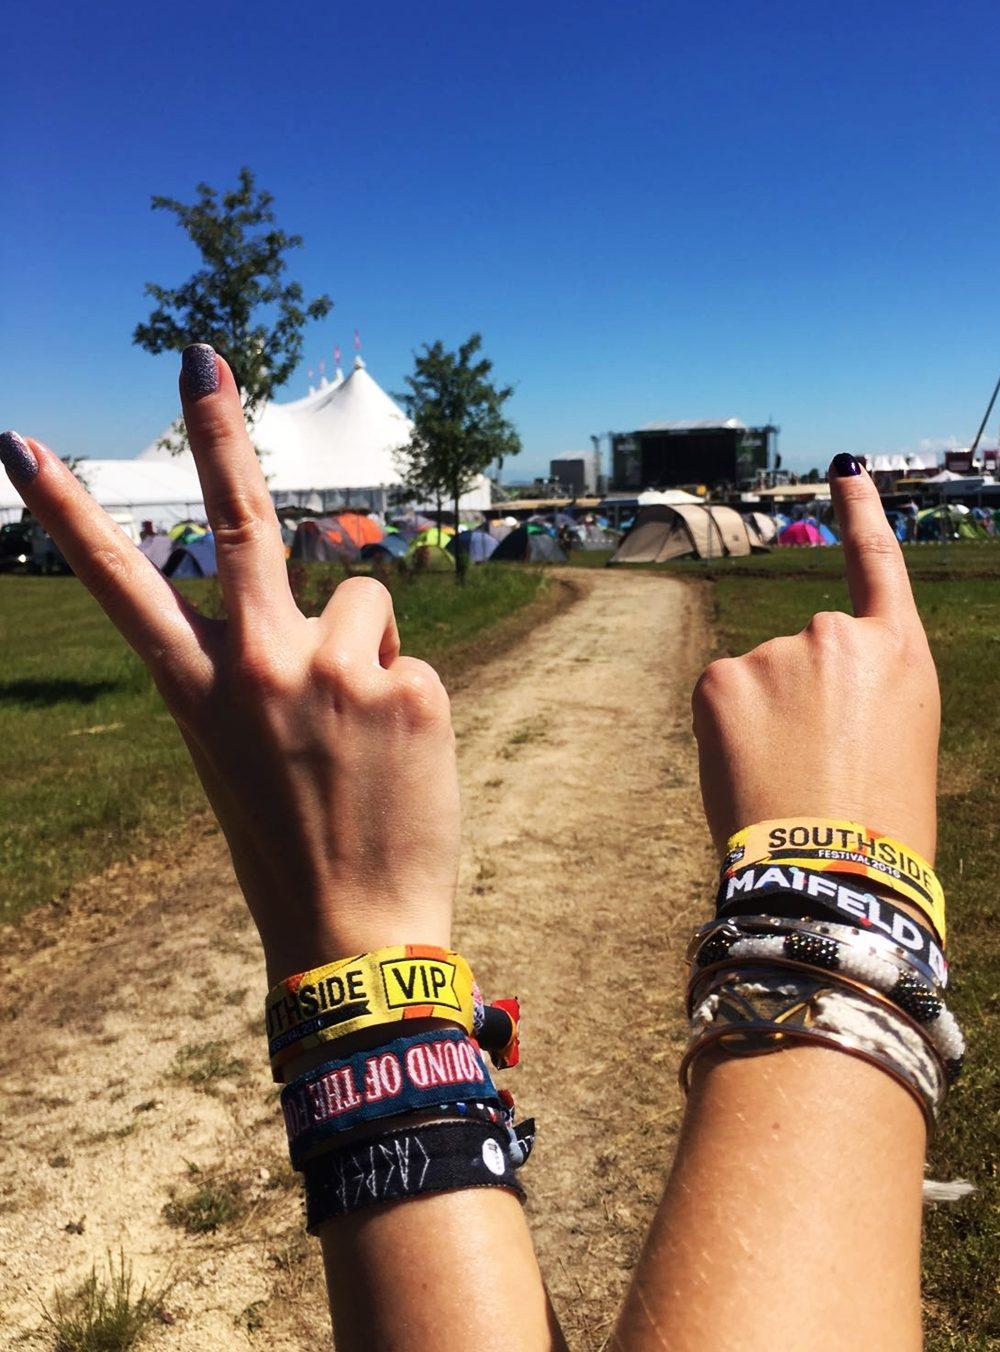 southside-festival-2016-festivalblogger-bericht-unwetter-1